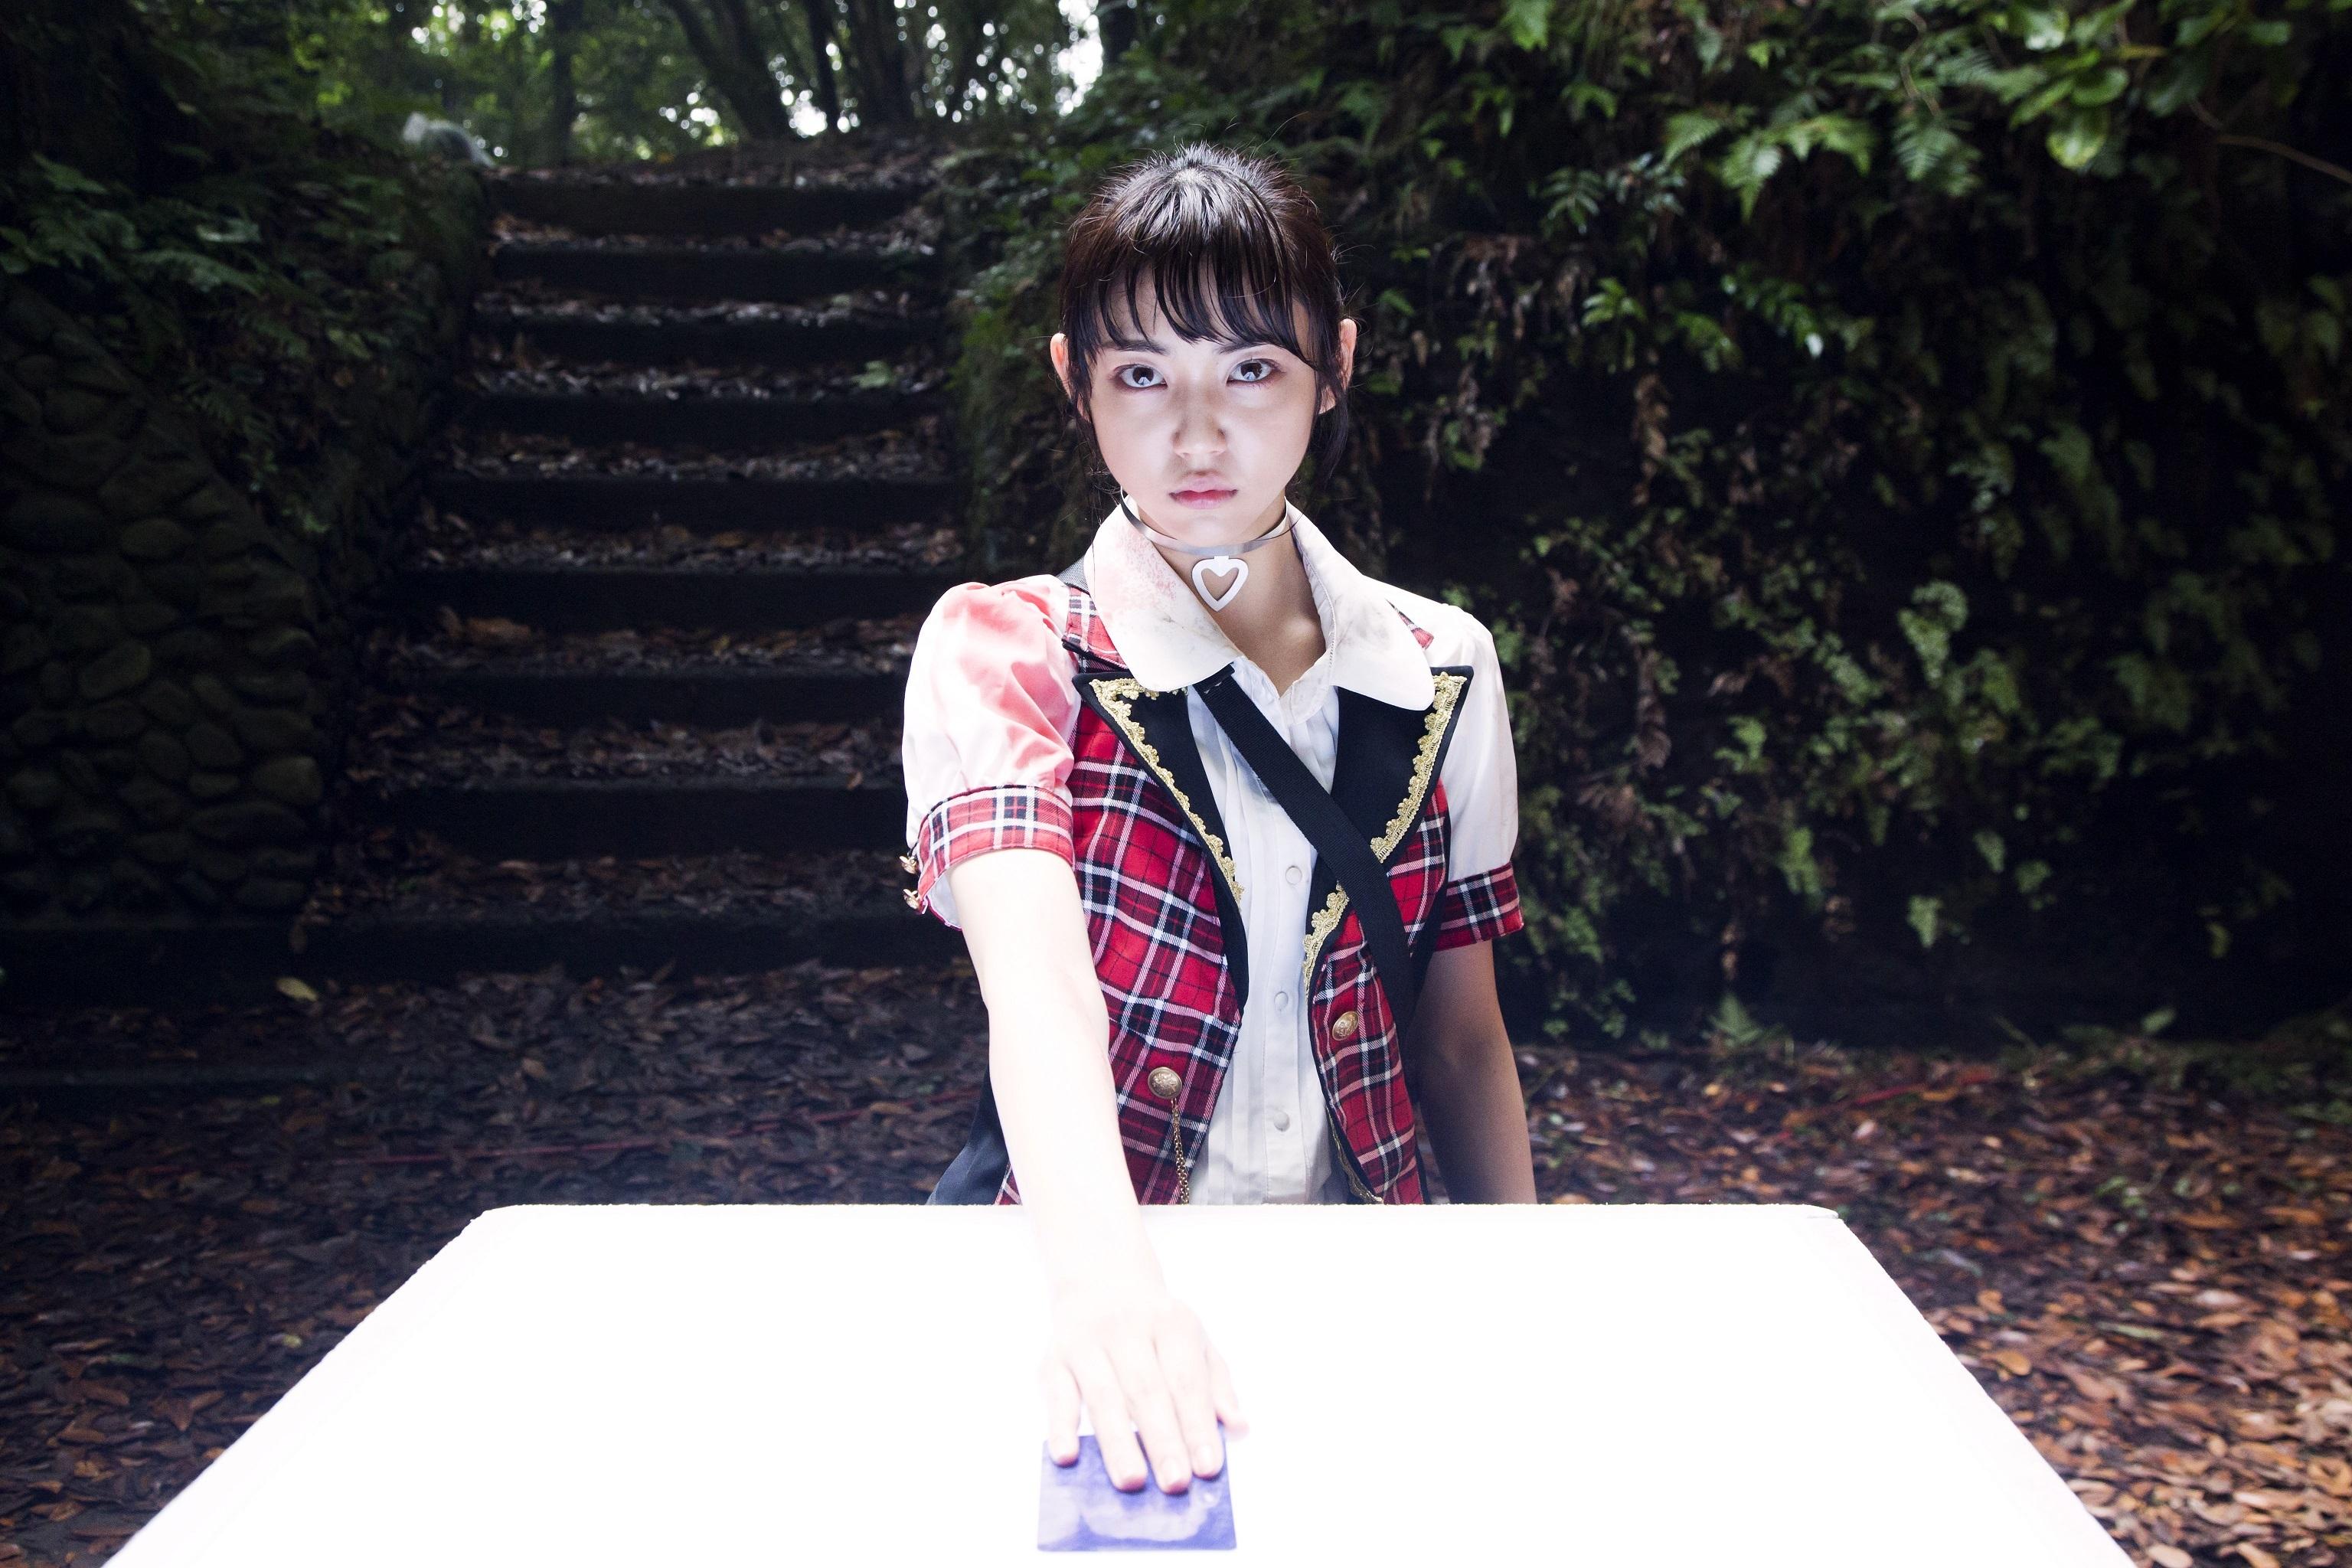 山谷花純  (C) 2016「シンデレラーゲーム」製作委員会